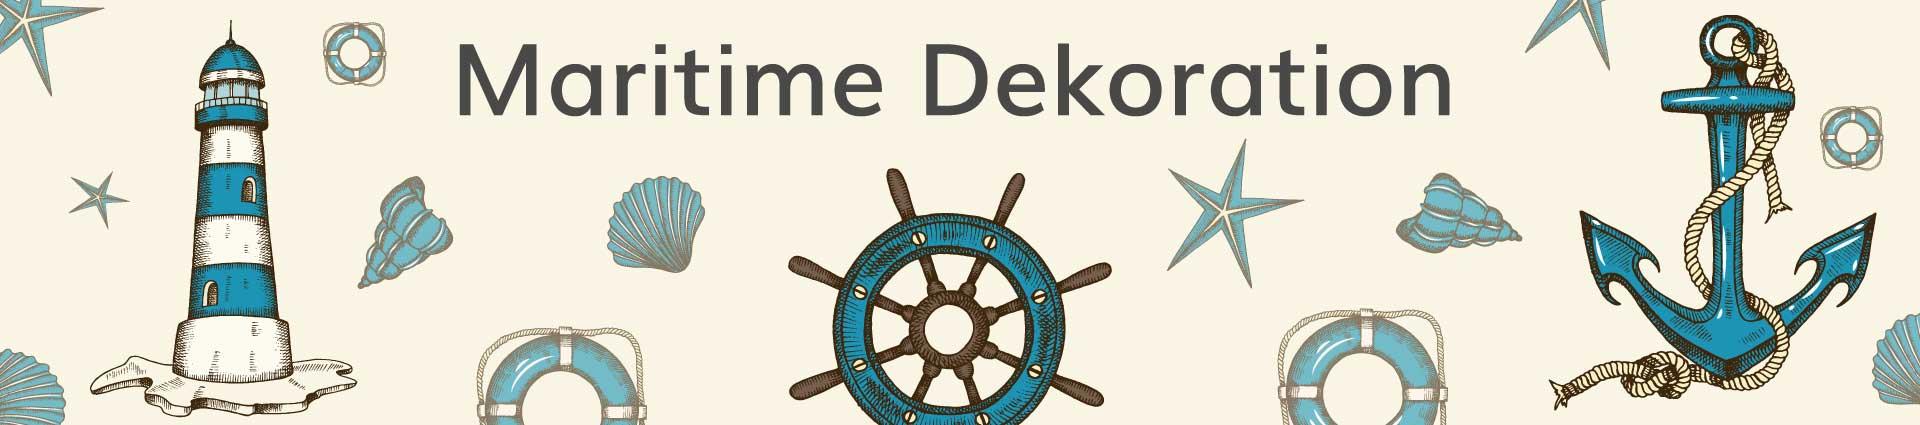 Deko und Geschenke Banner